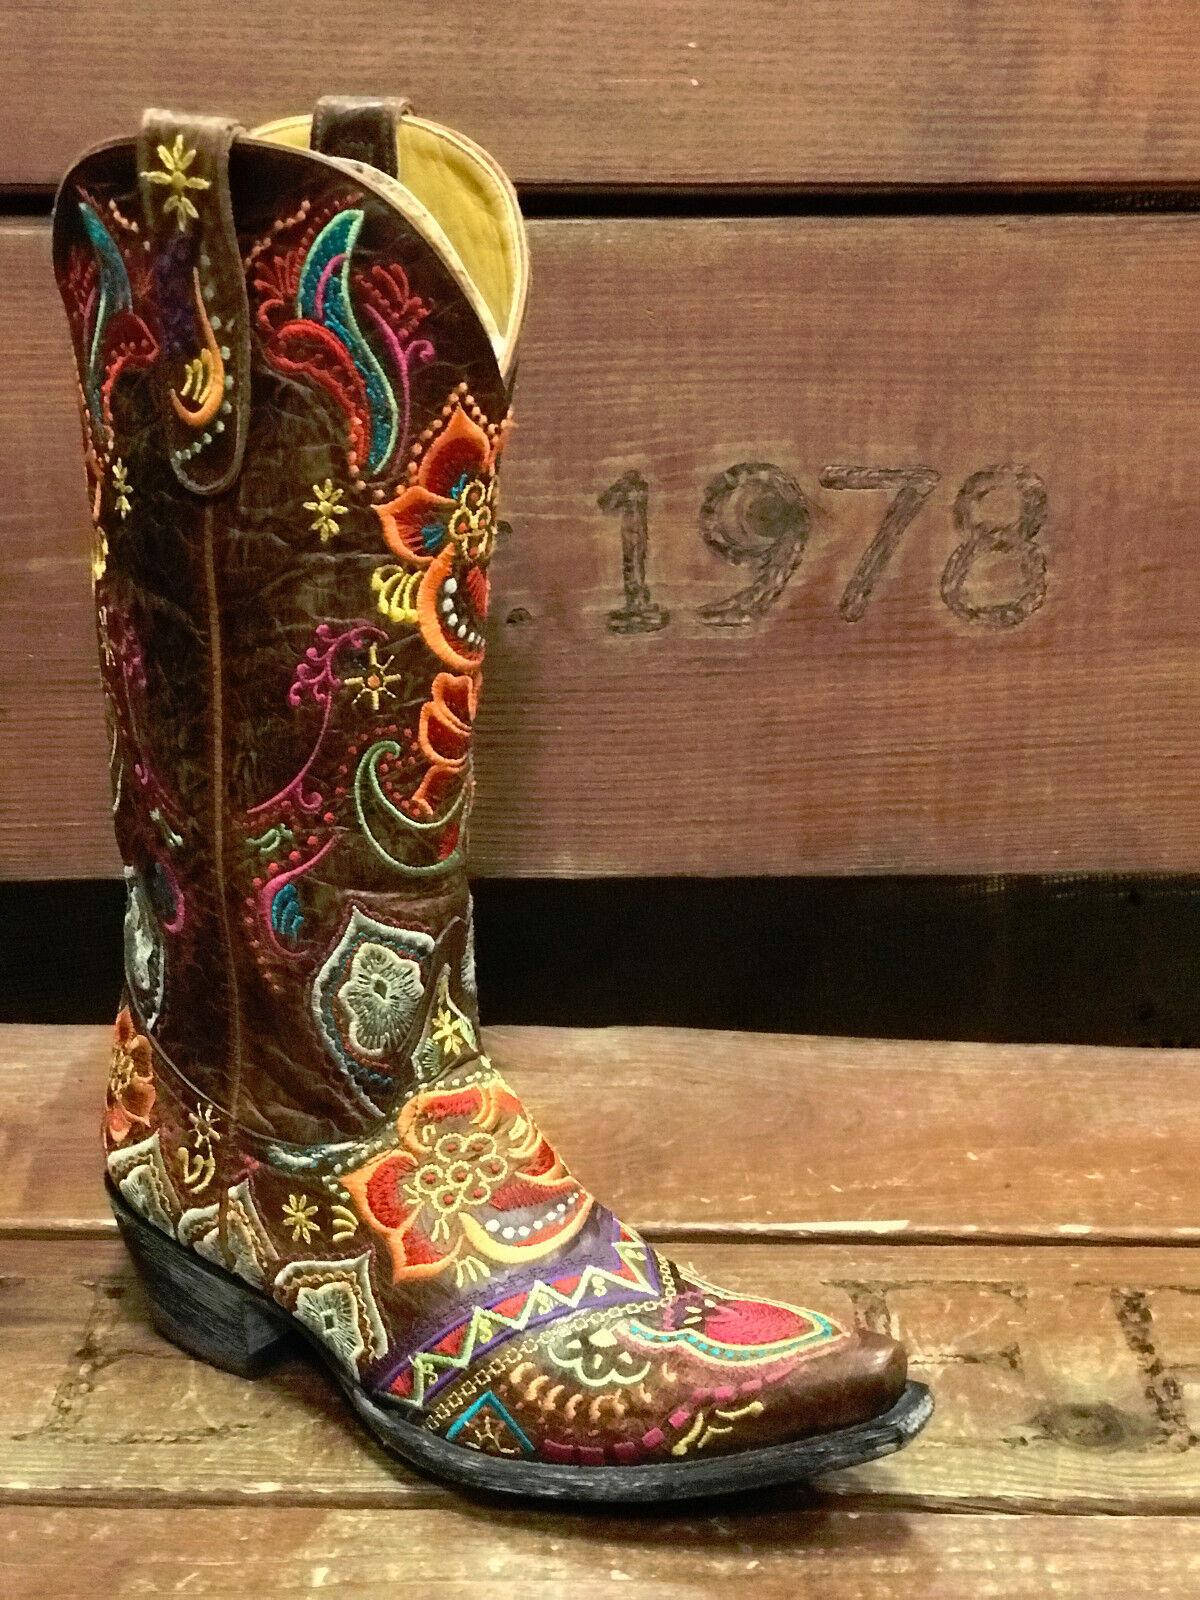 Old gringo Oliva Señoras botas L1629-3 L1629-3 L1629-3 - Envío Gratis  el estilo clásico